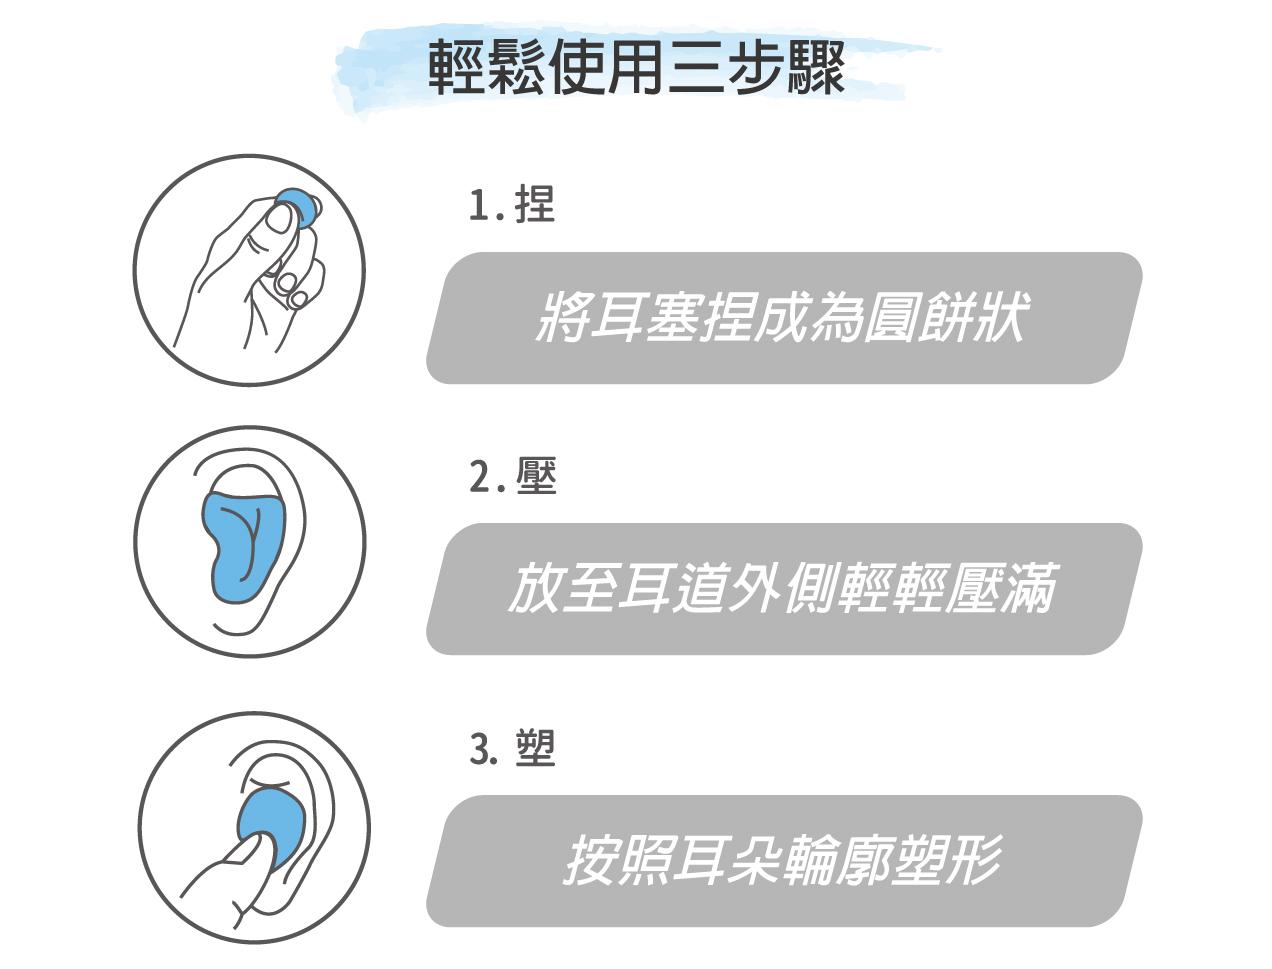 捏,壓,塑,三步驟,鬆鬆配戴不卡卡